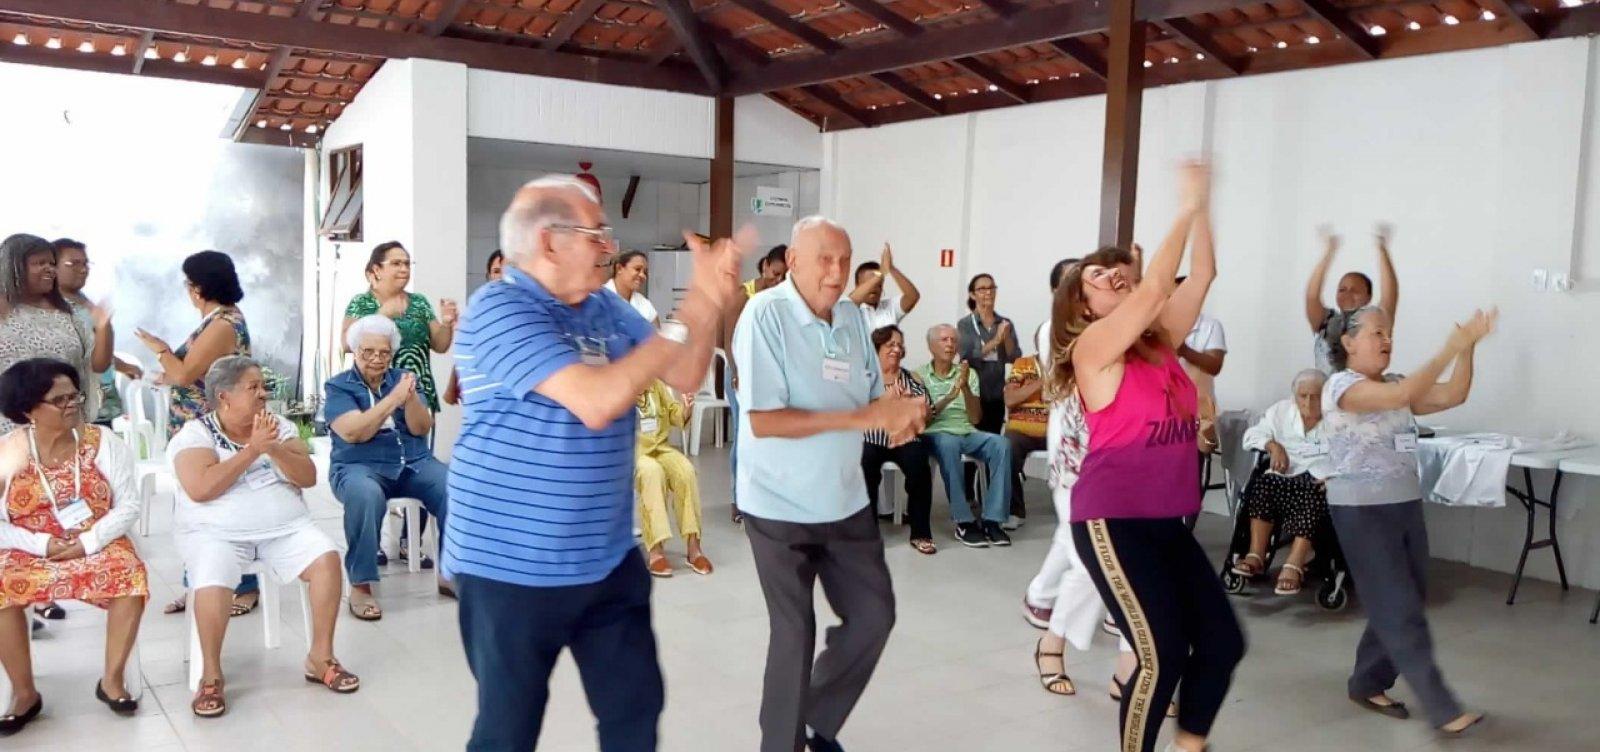 [Unimed oferece programa com atividades físicas e de lazer gratuitas na Barra]